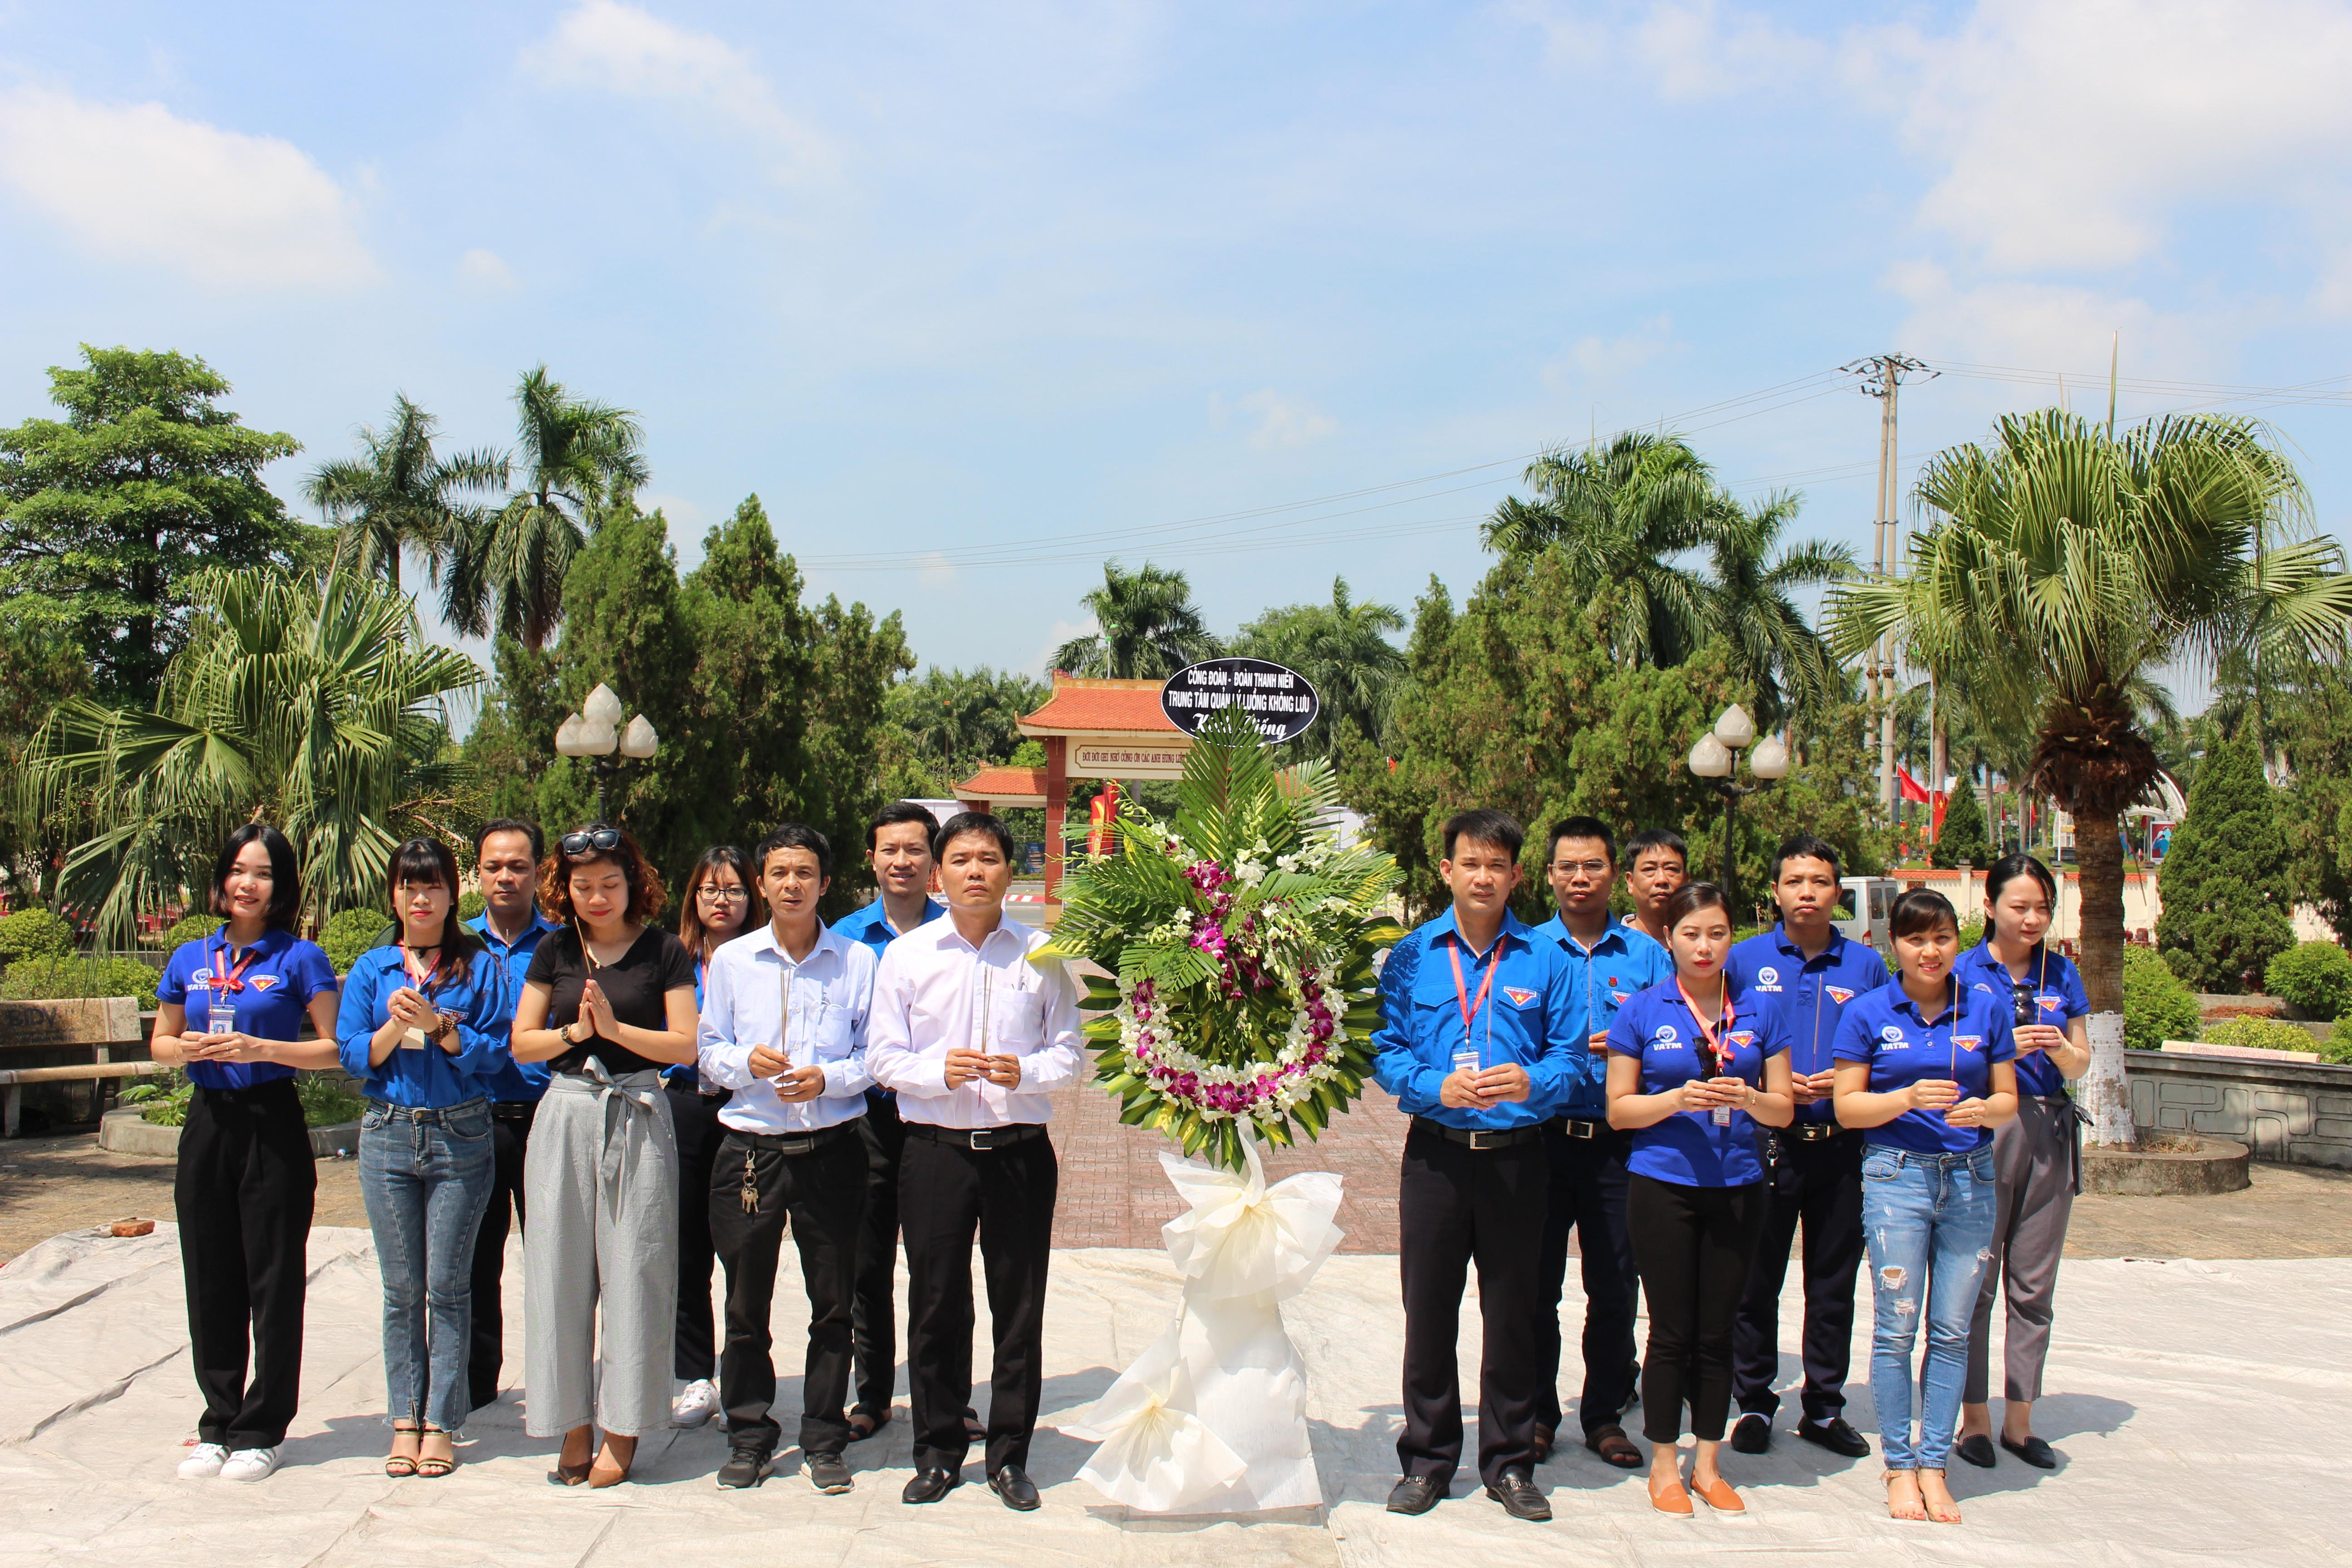 Công đoàn, Đoàn thanh niên Trung tâm Quản lý luồng không lưu tổ chức hoạt động kỷ niệm 73 năm Ngày Thương binh Liệt sỹ